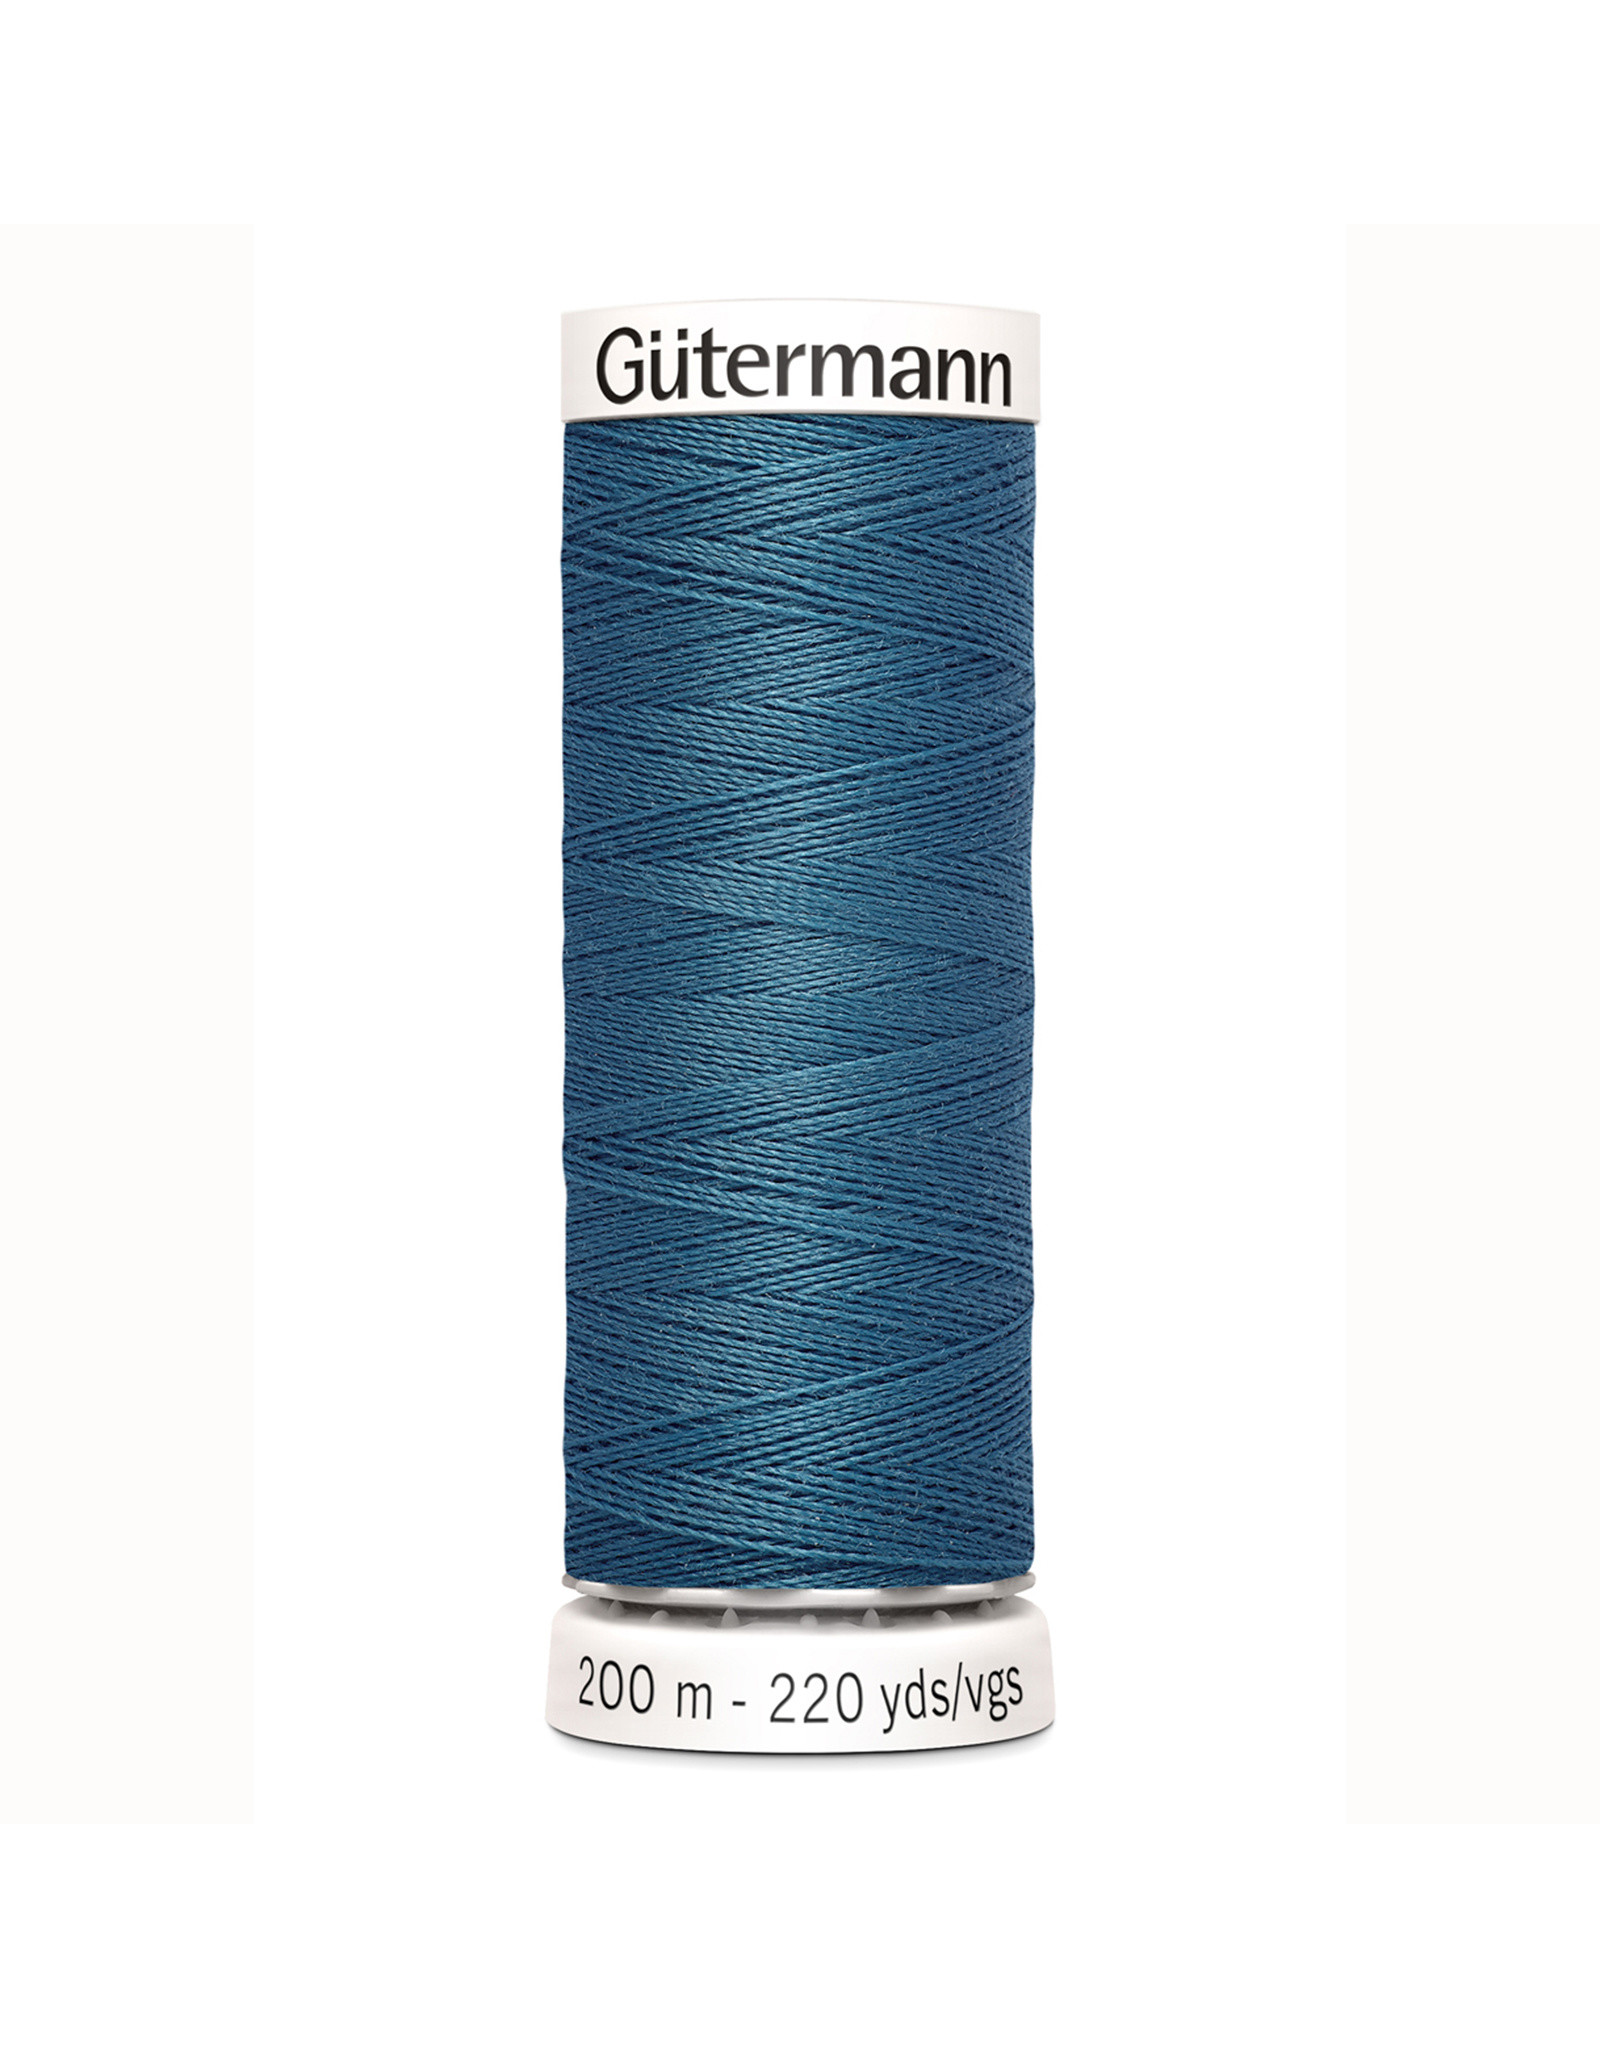 Gütermann Gütermann Nähgarn 200 m - nr 903